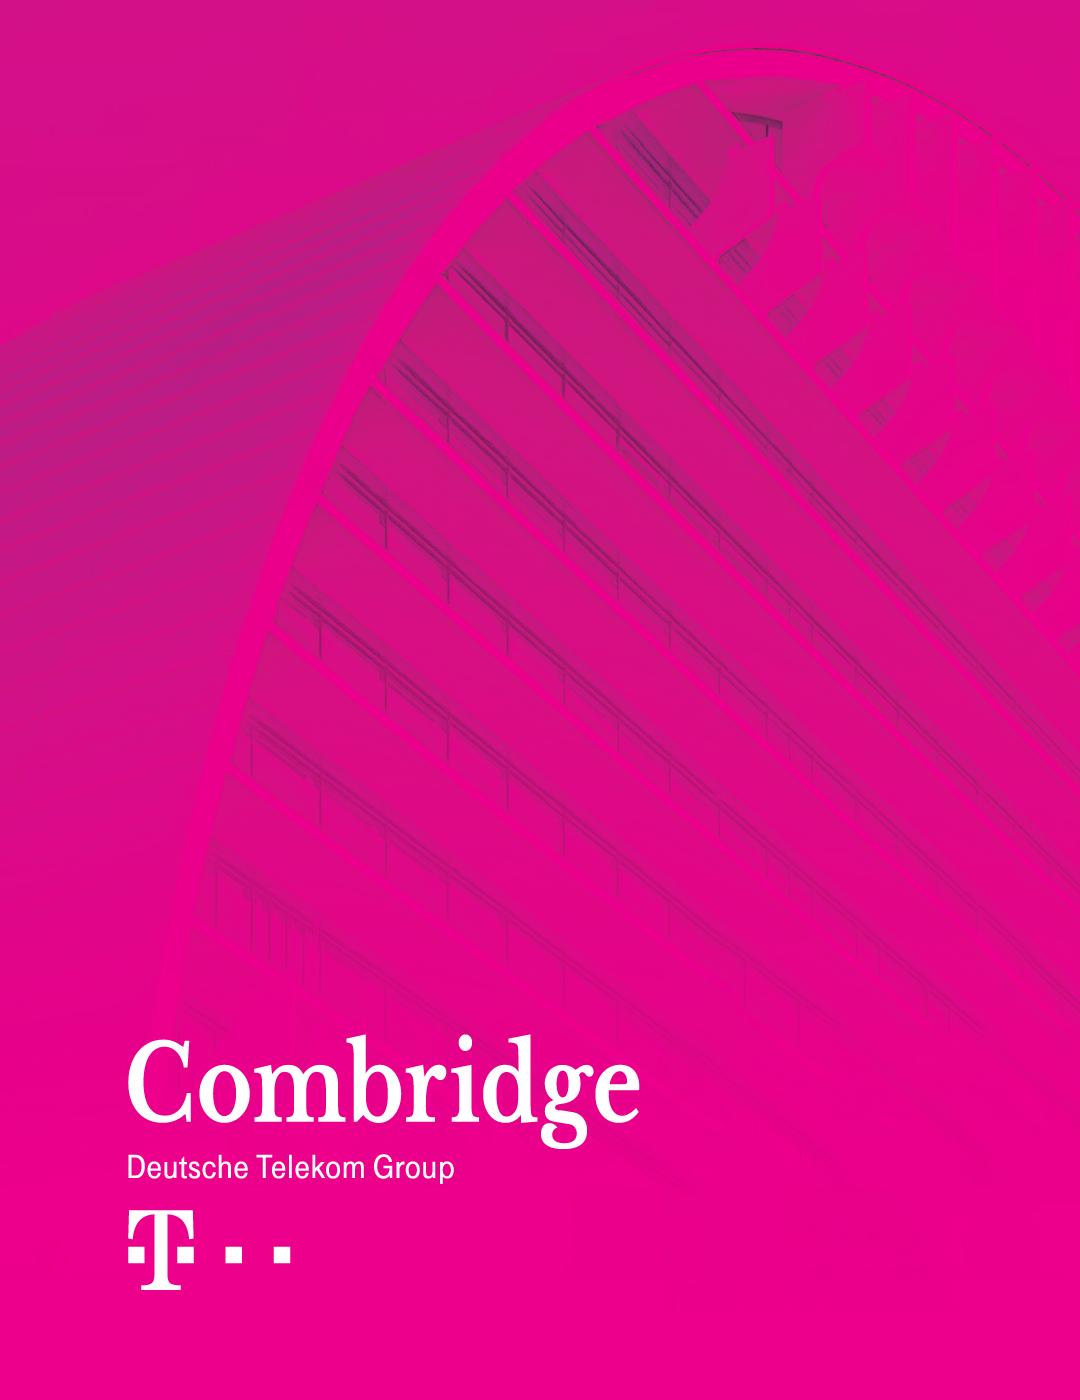 Combridge - Deutsche Telekom Group